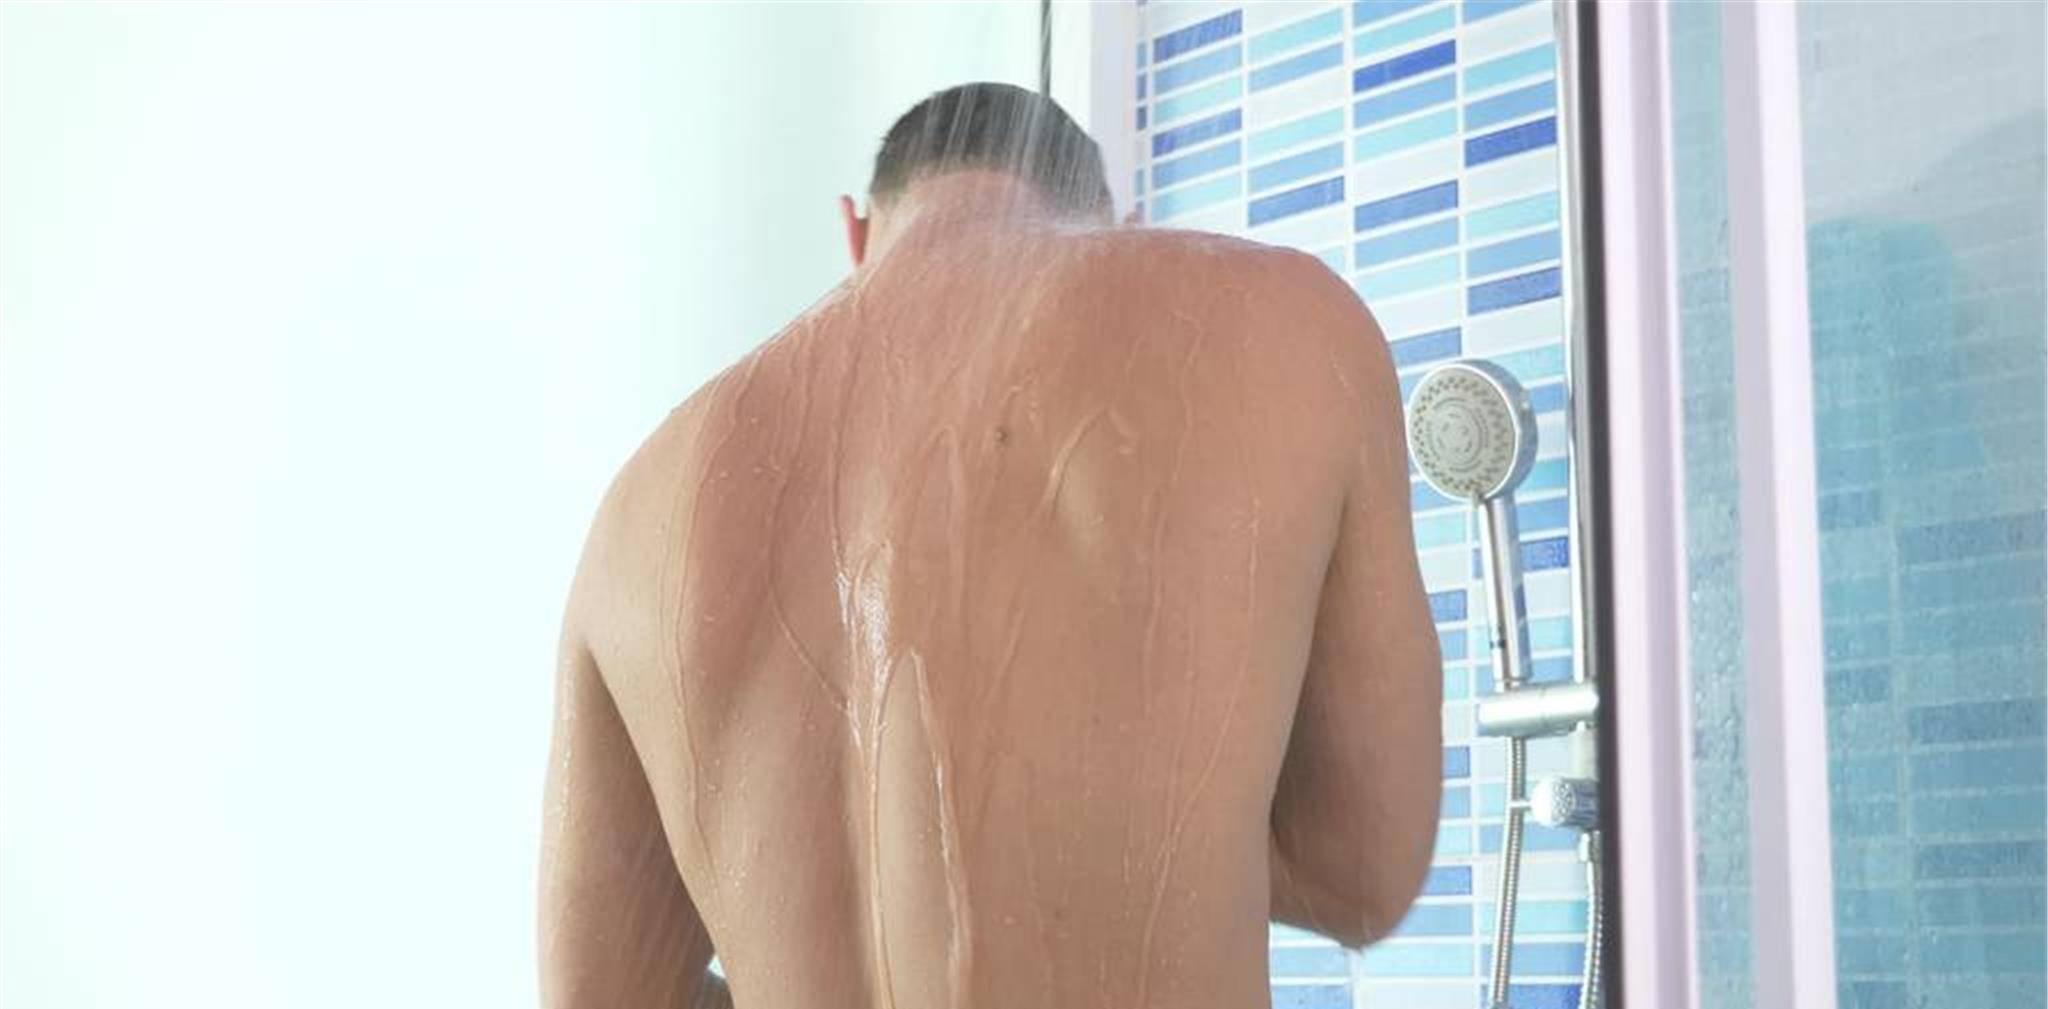 洗冷水澡会加重湿气吗 坚持洗冷水澡20年